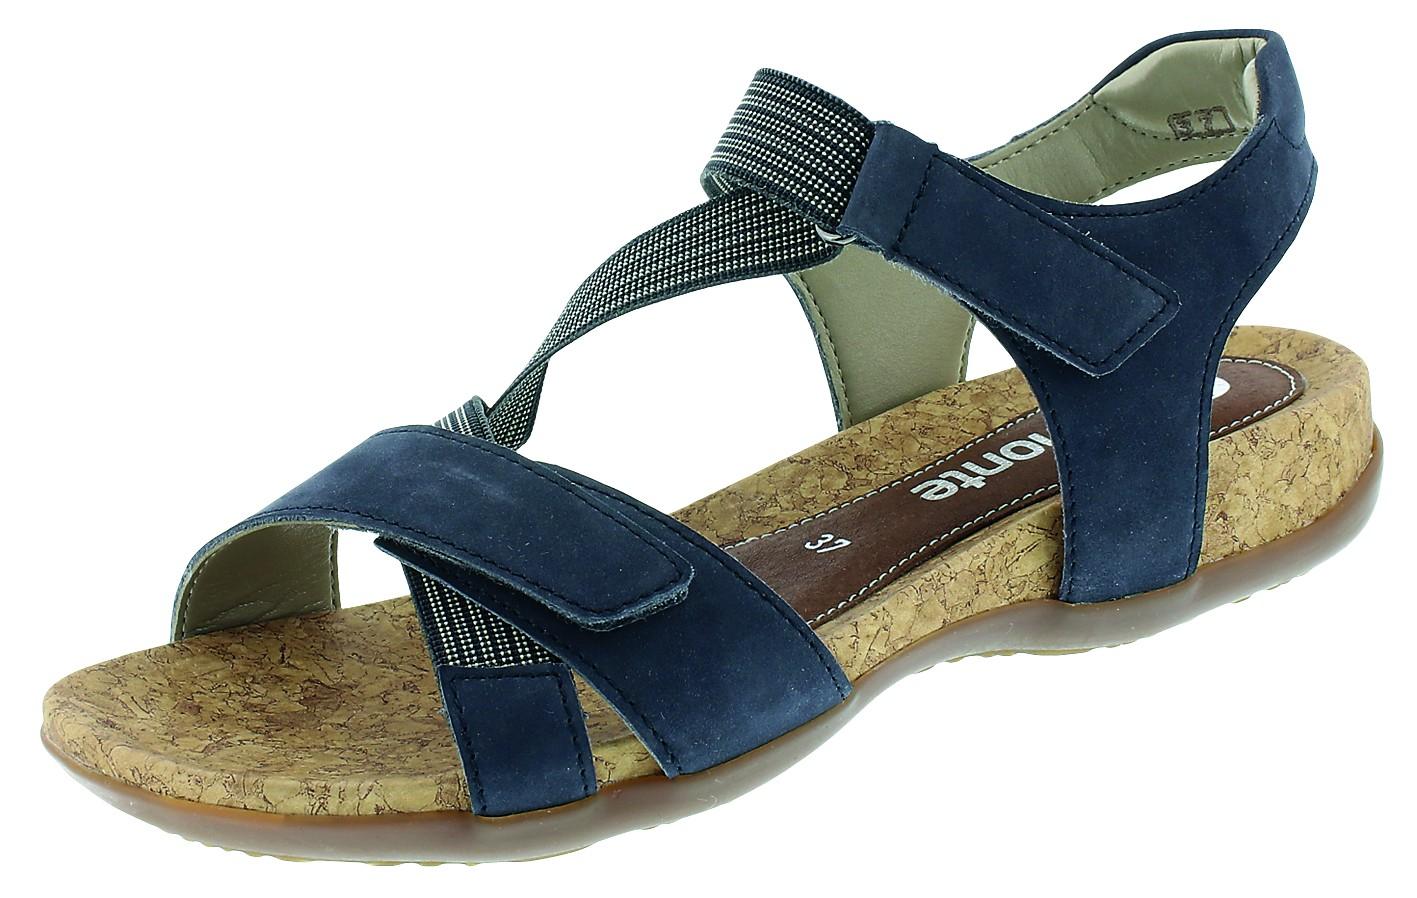 Remonte Damen Sandalen-Pantolette D.Sandalette Blau R3257 14 PBZIFI